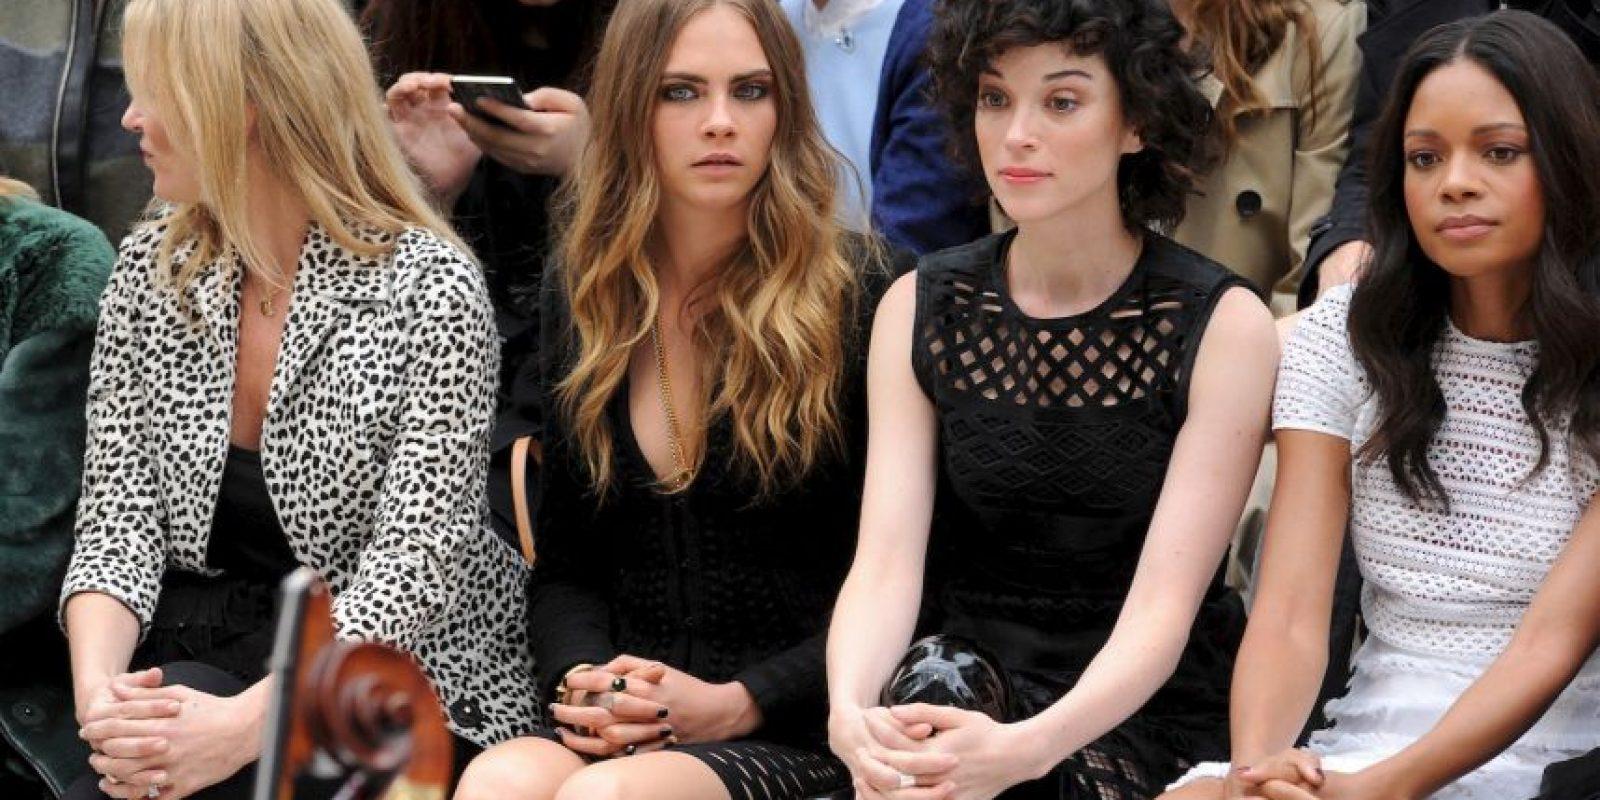 Han sido fotografíadas al asistir a diferentes eventos como fiestas y pasarelas de moda. Foto:Getty Images